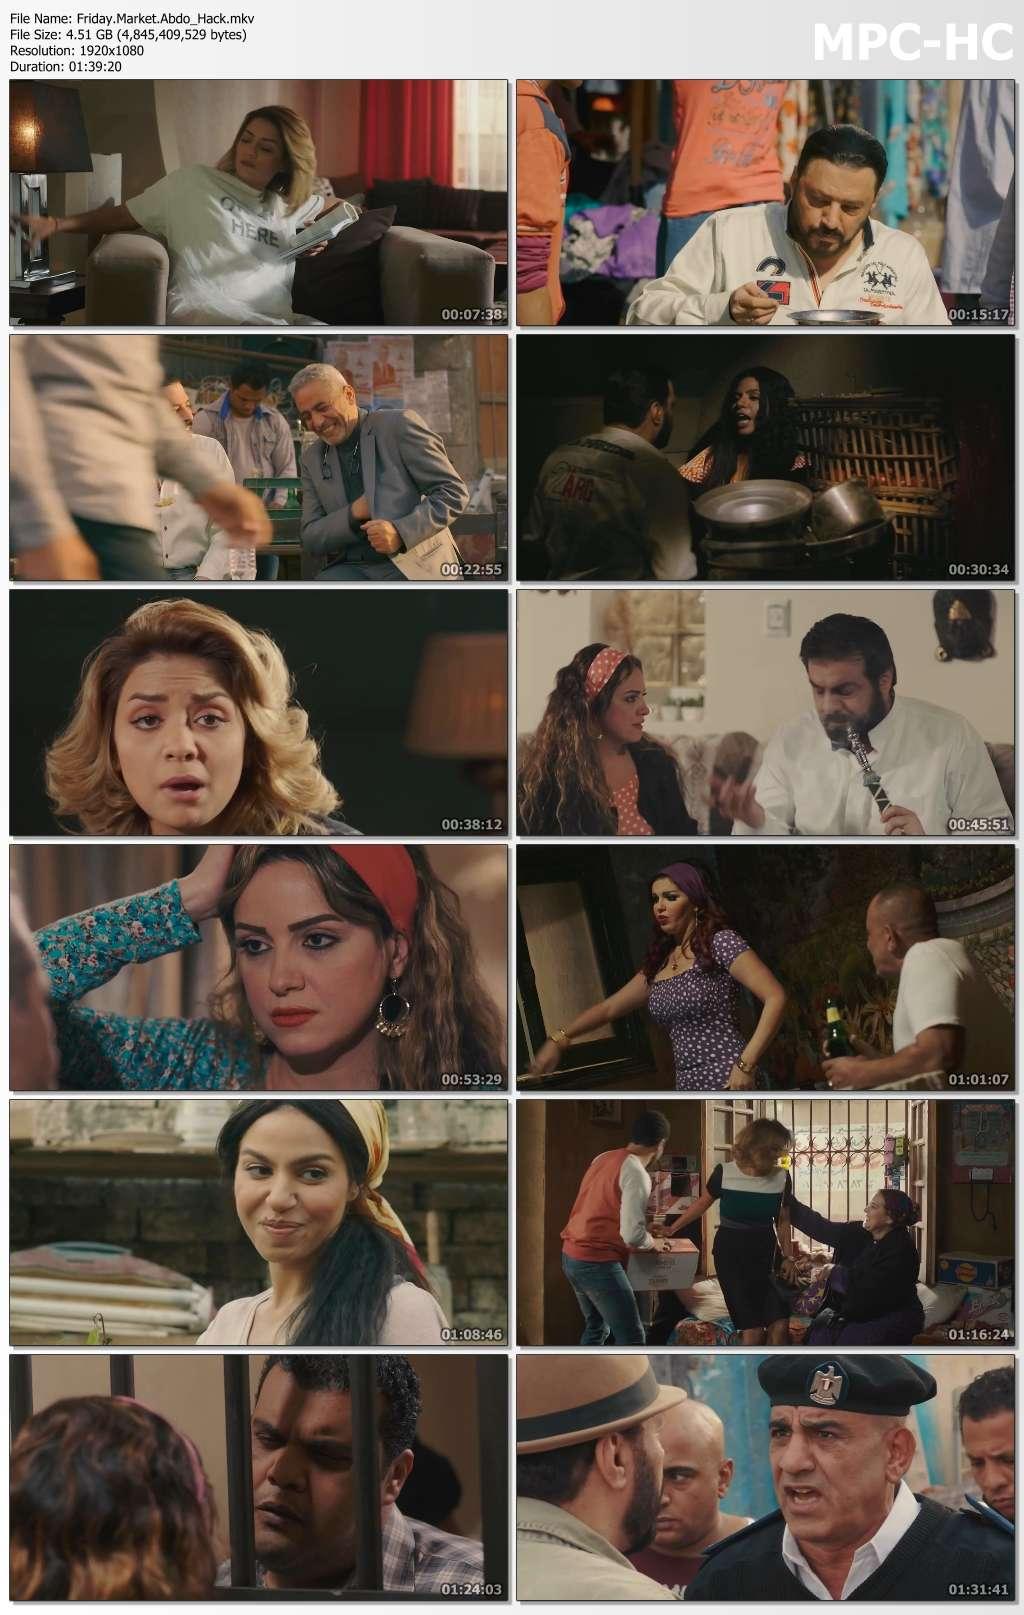 [فيلم][تورنت][تحميل][سوق الجمعة][2018][1080p][HDTV] 8 arabp2p.com